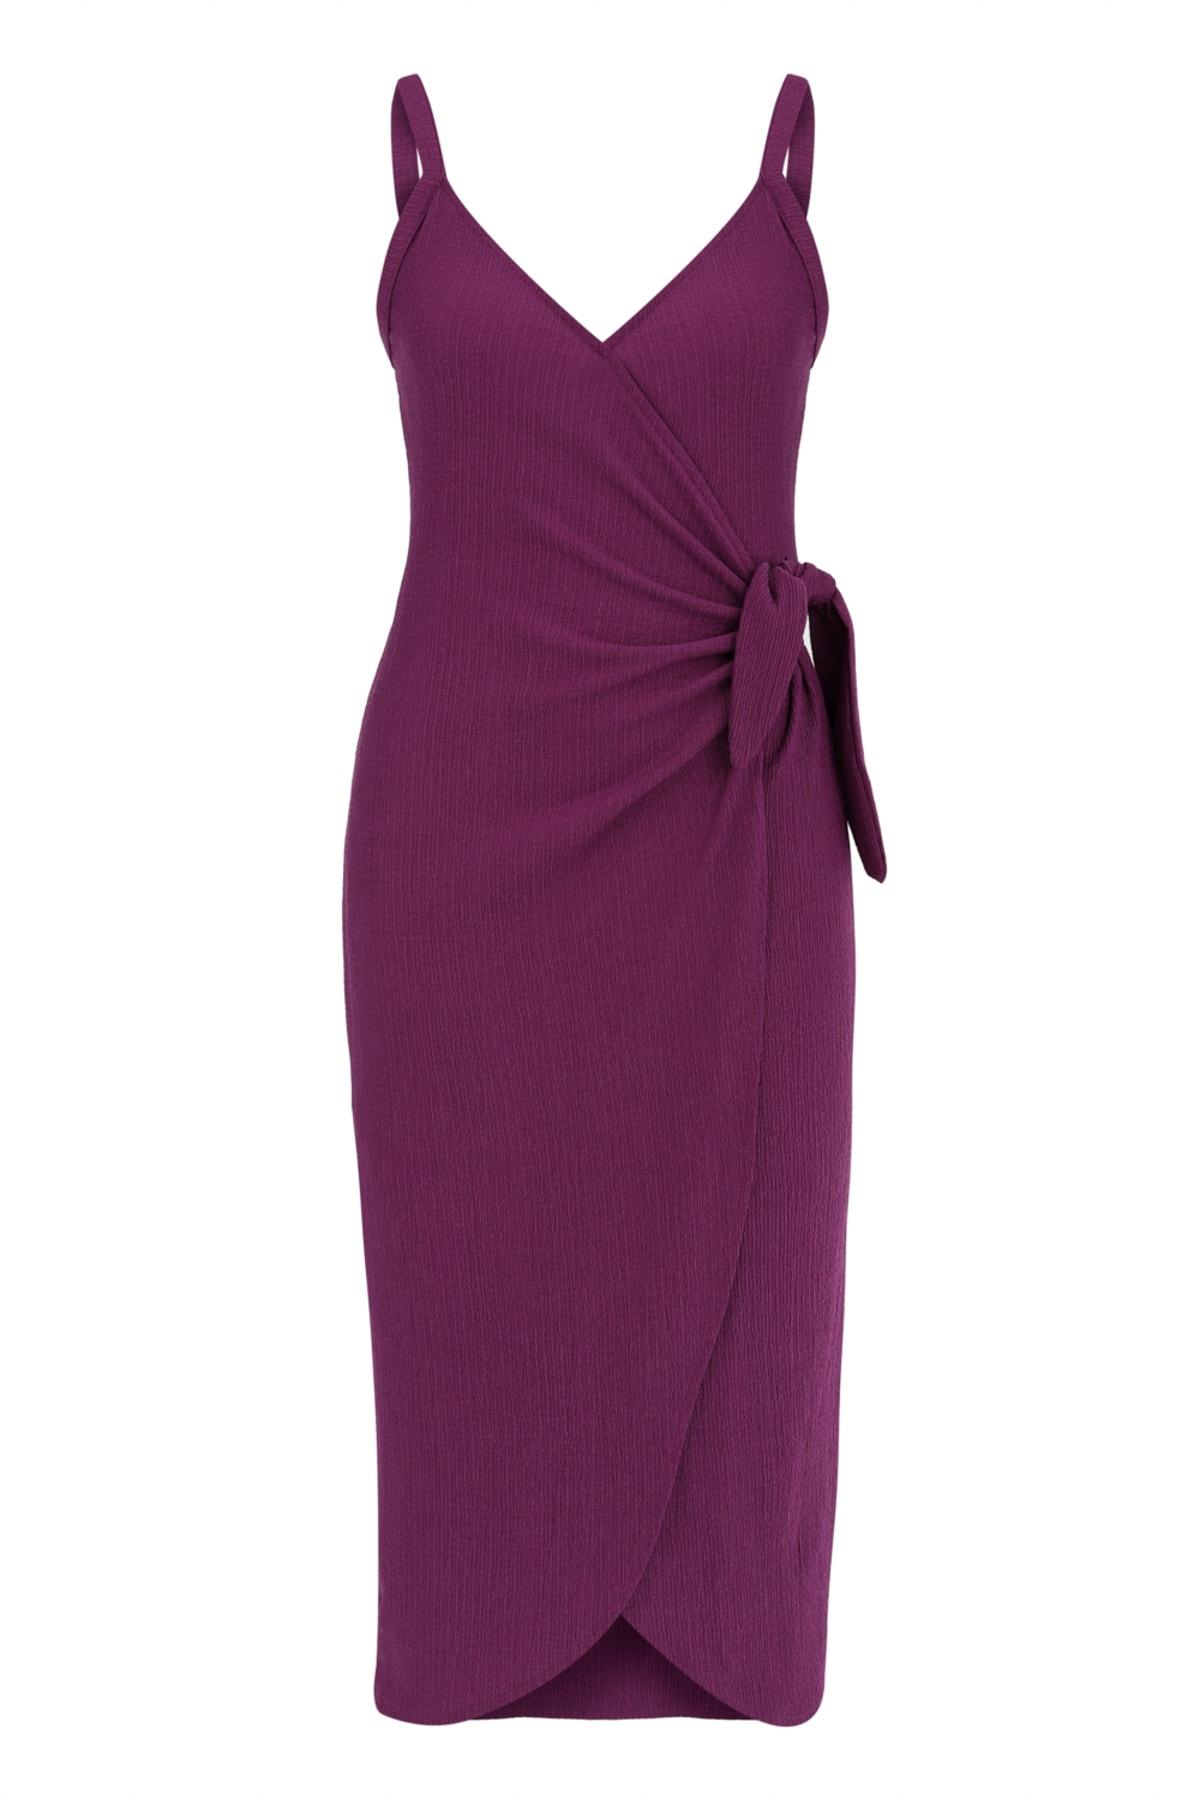 Kadın Mor V Yaka Bağlamalı Midi Elbise 383622